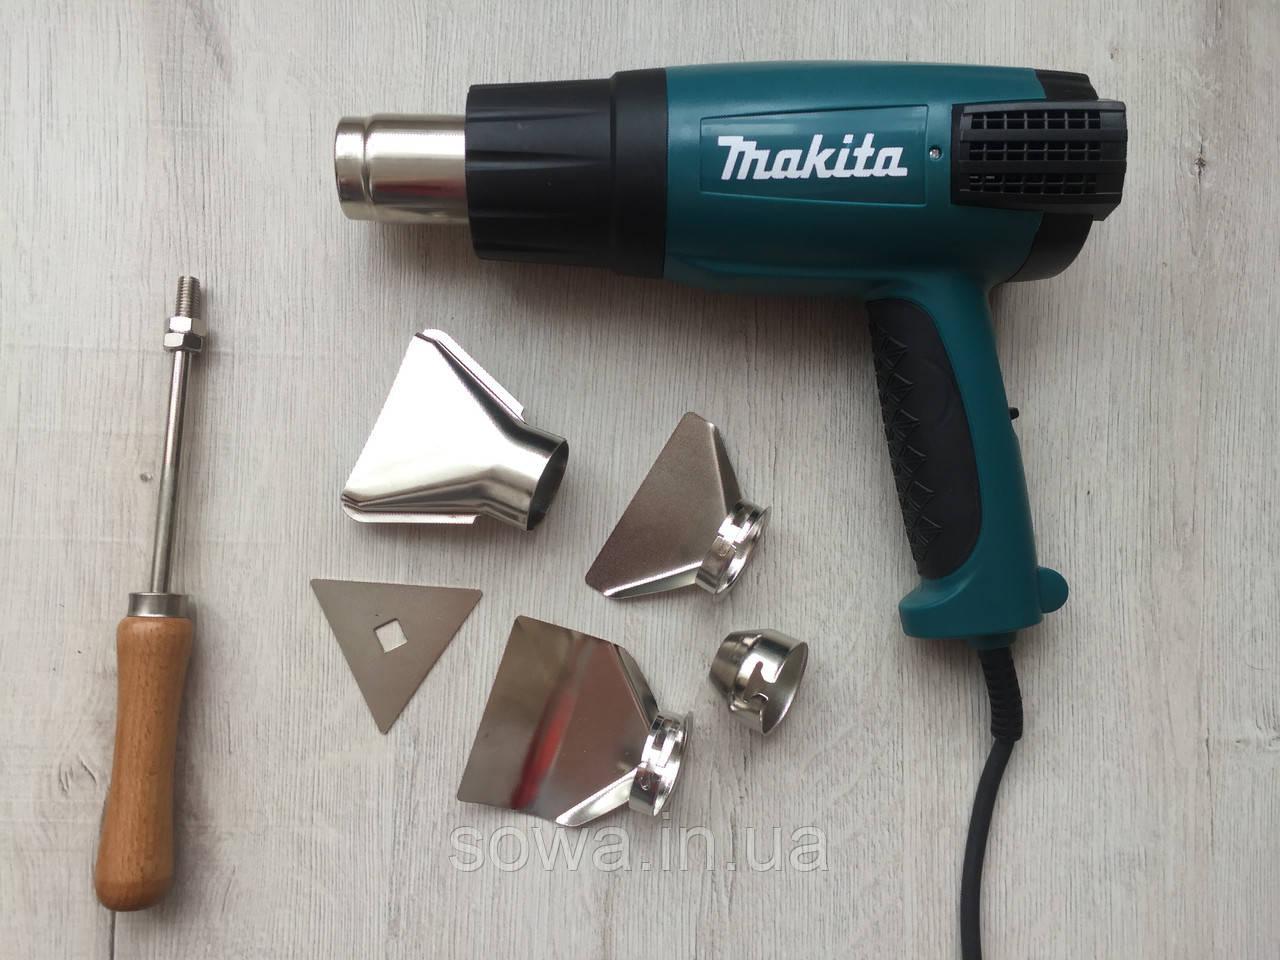 ✔️ Технічний, будівельний фен - Makita HG6005